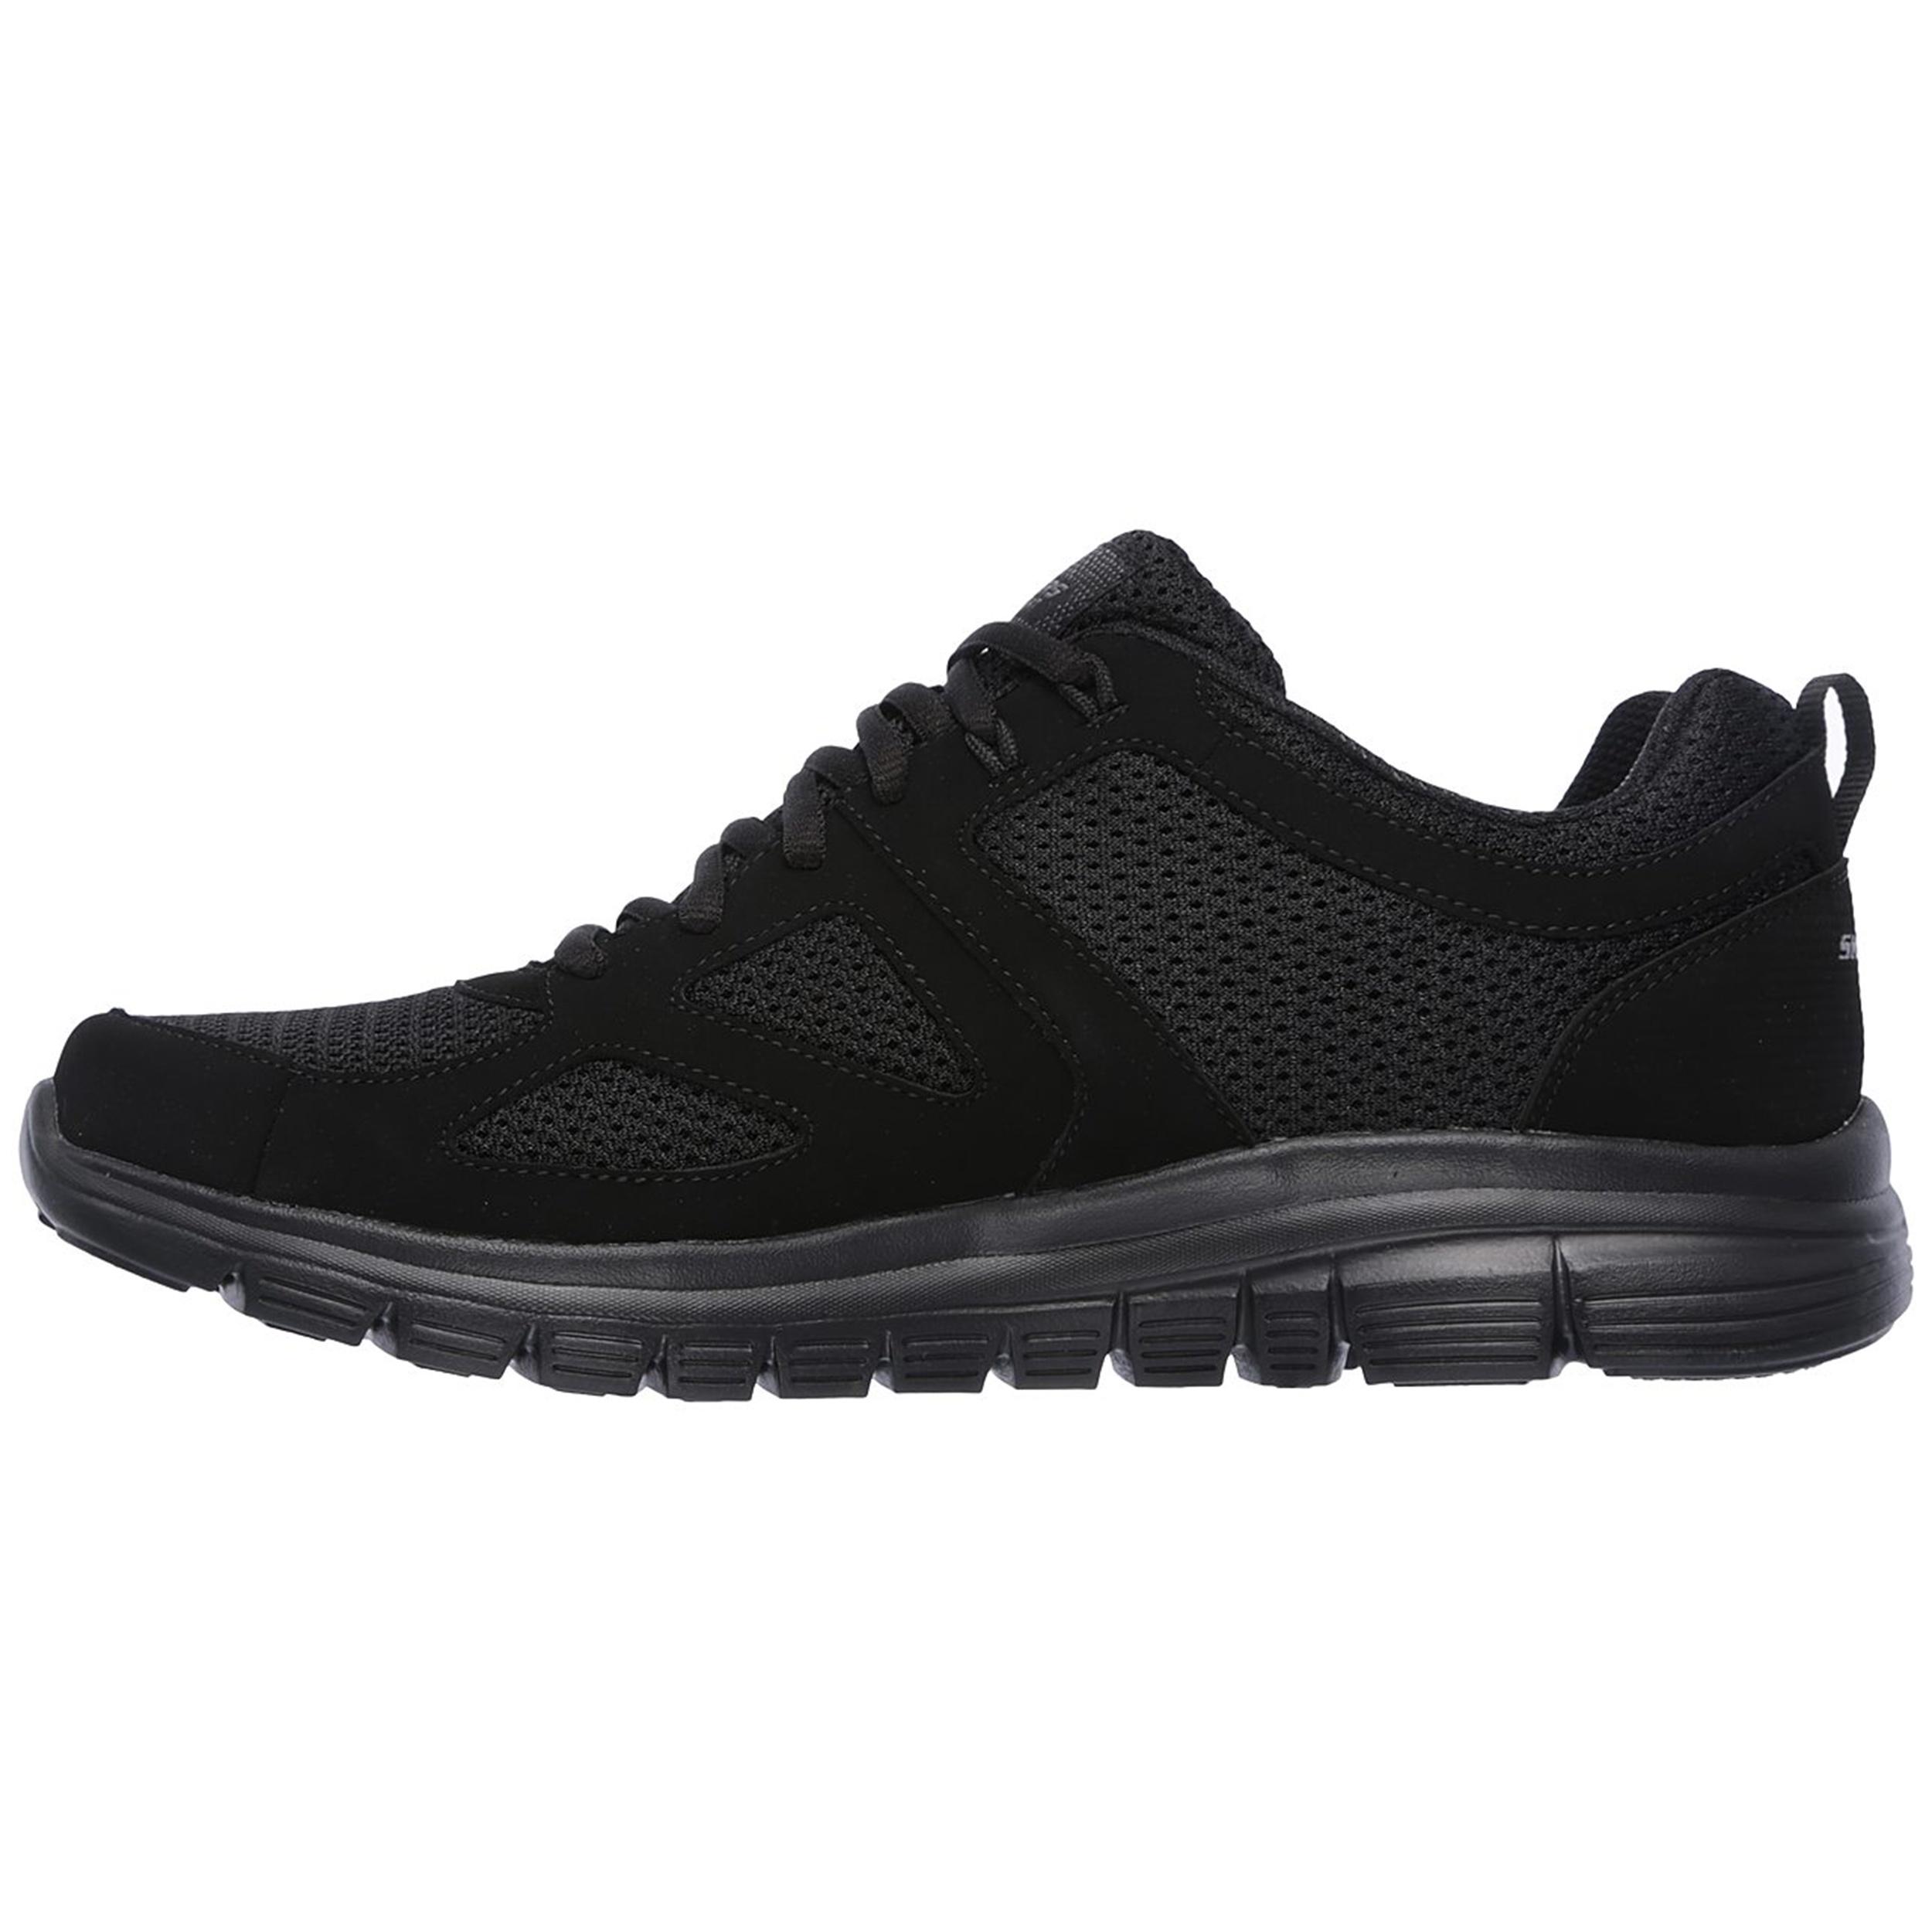 کفش مخصوص پیاده روی مردانه اسکچرز مدل  MIRACLE 52635BBK